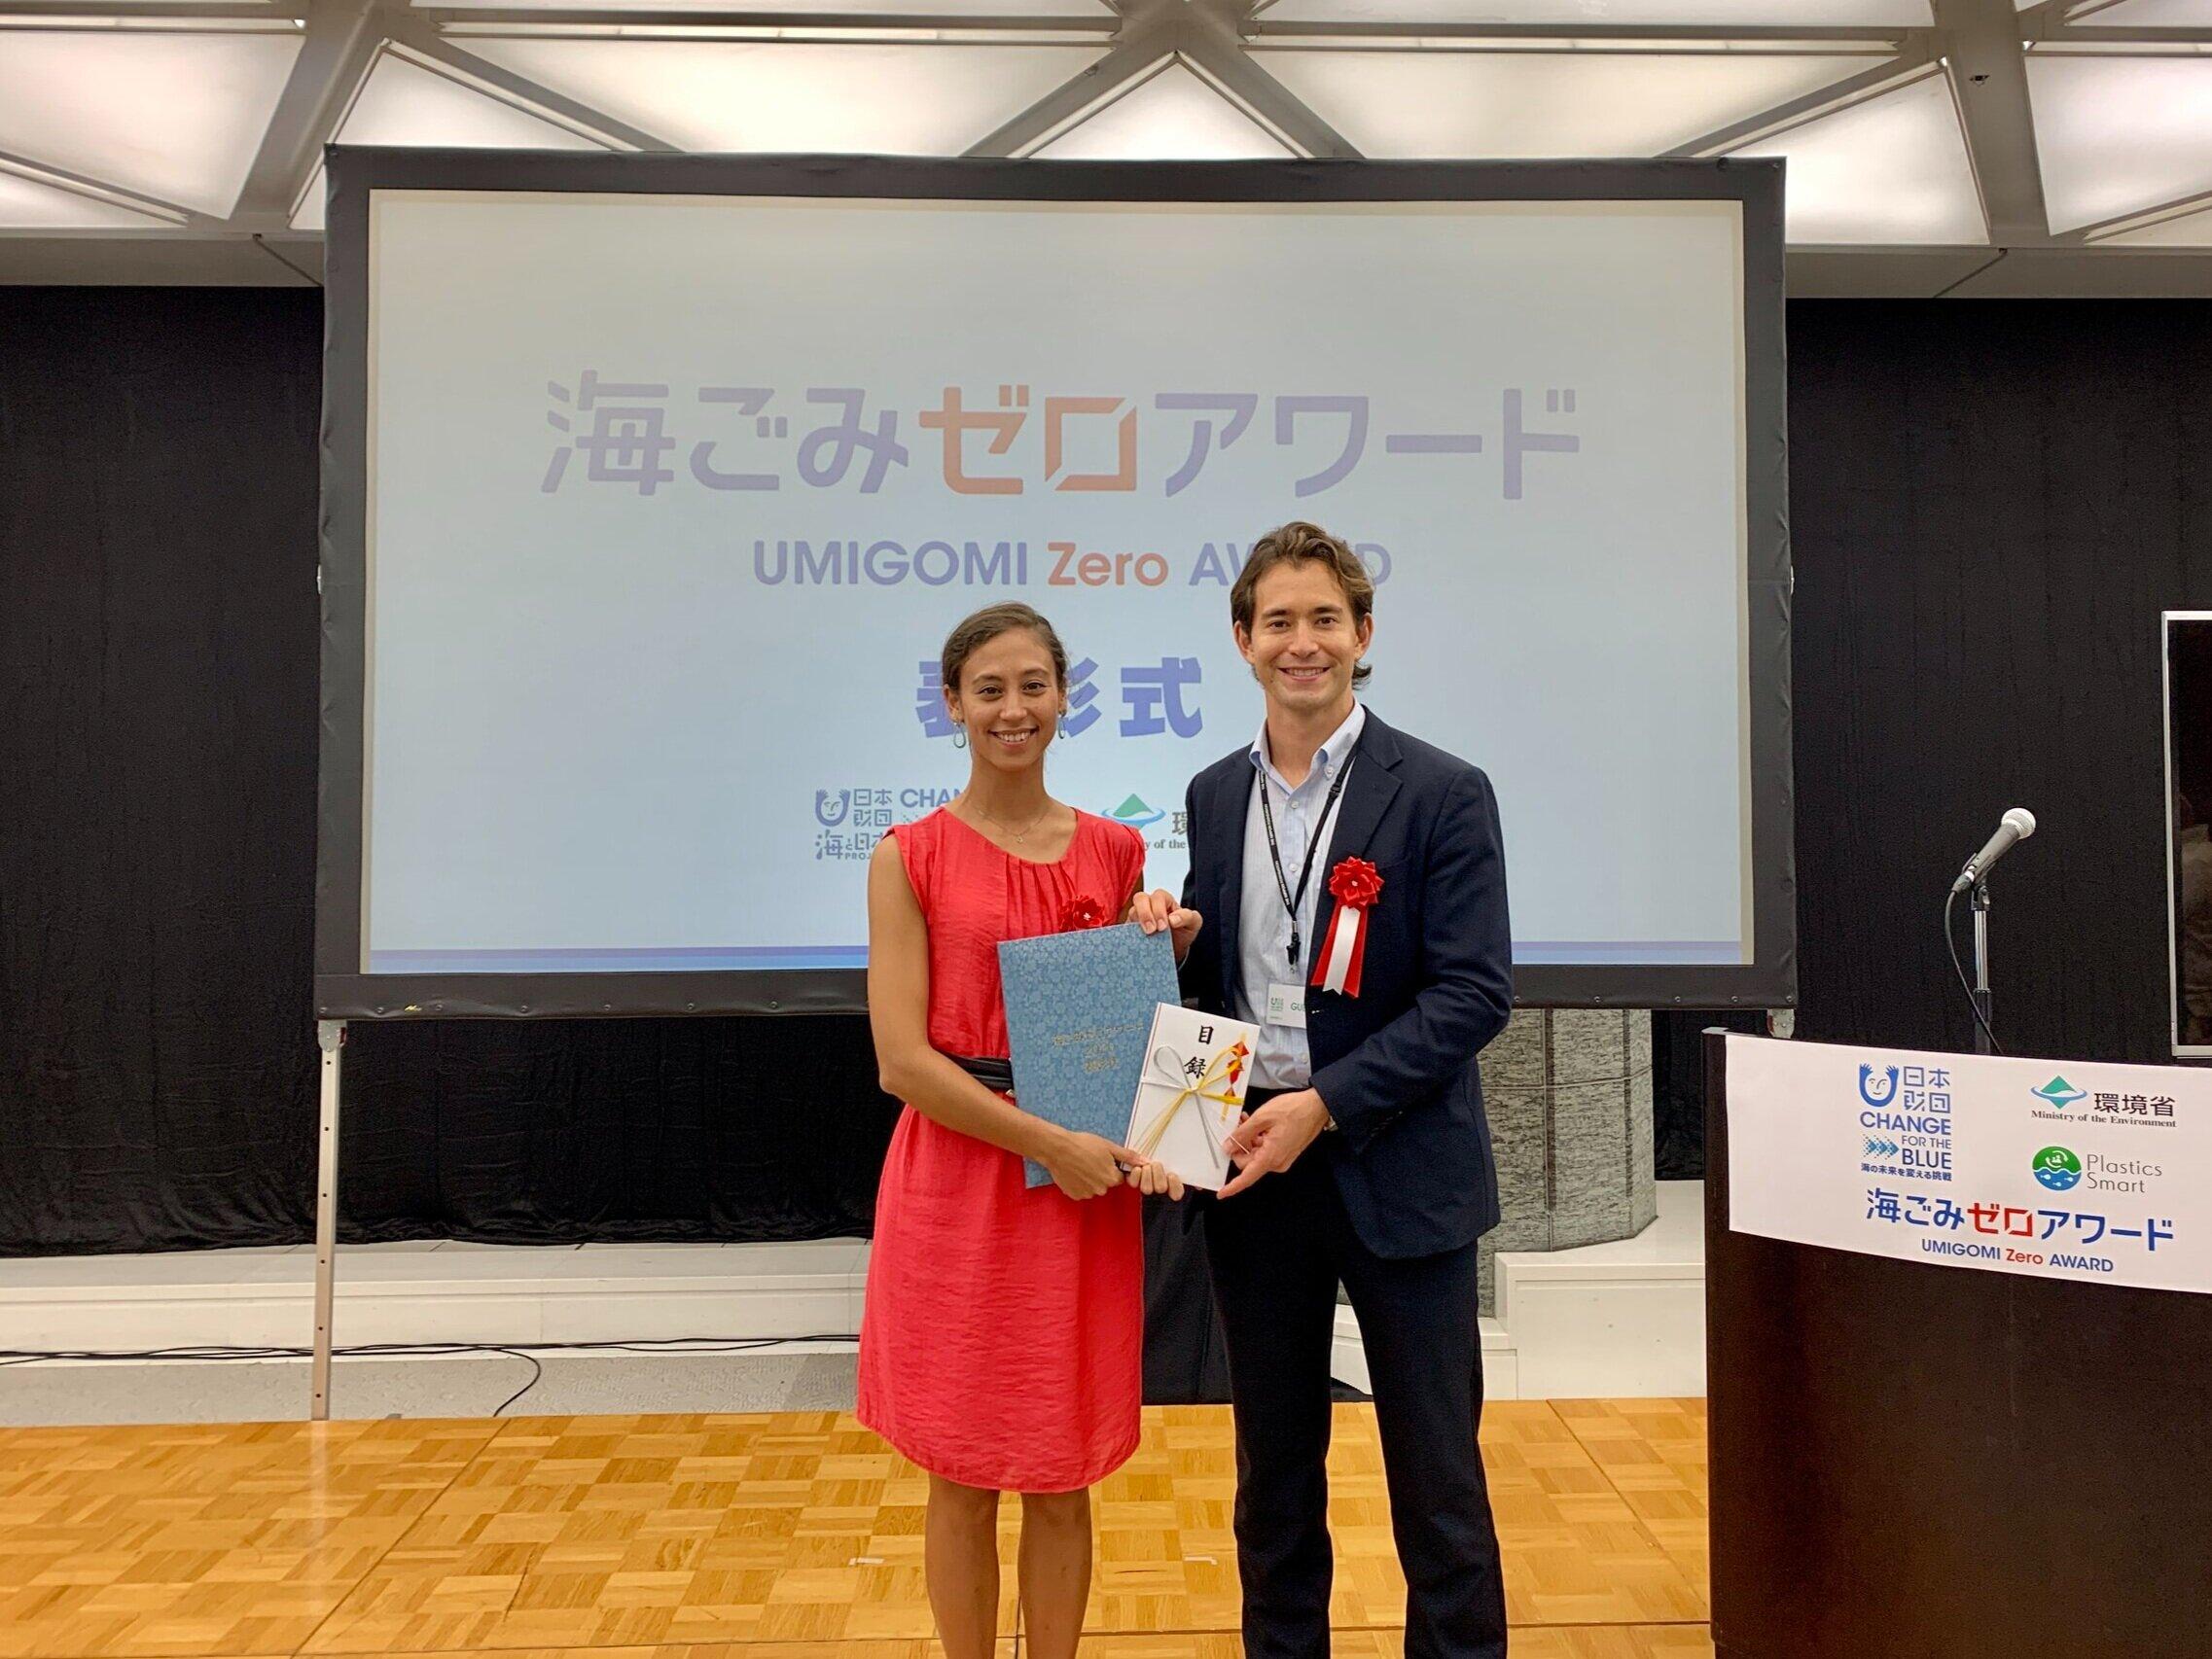 mymizuが日本財団・環境省の共同事業 「海ごみゼロアワード2020」で ...